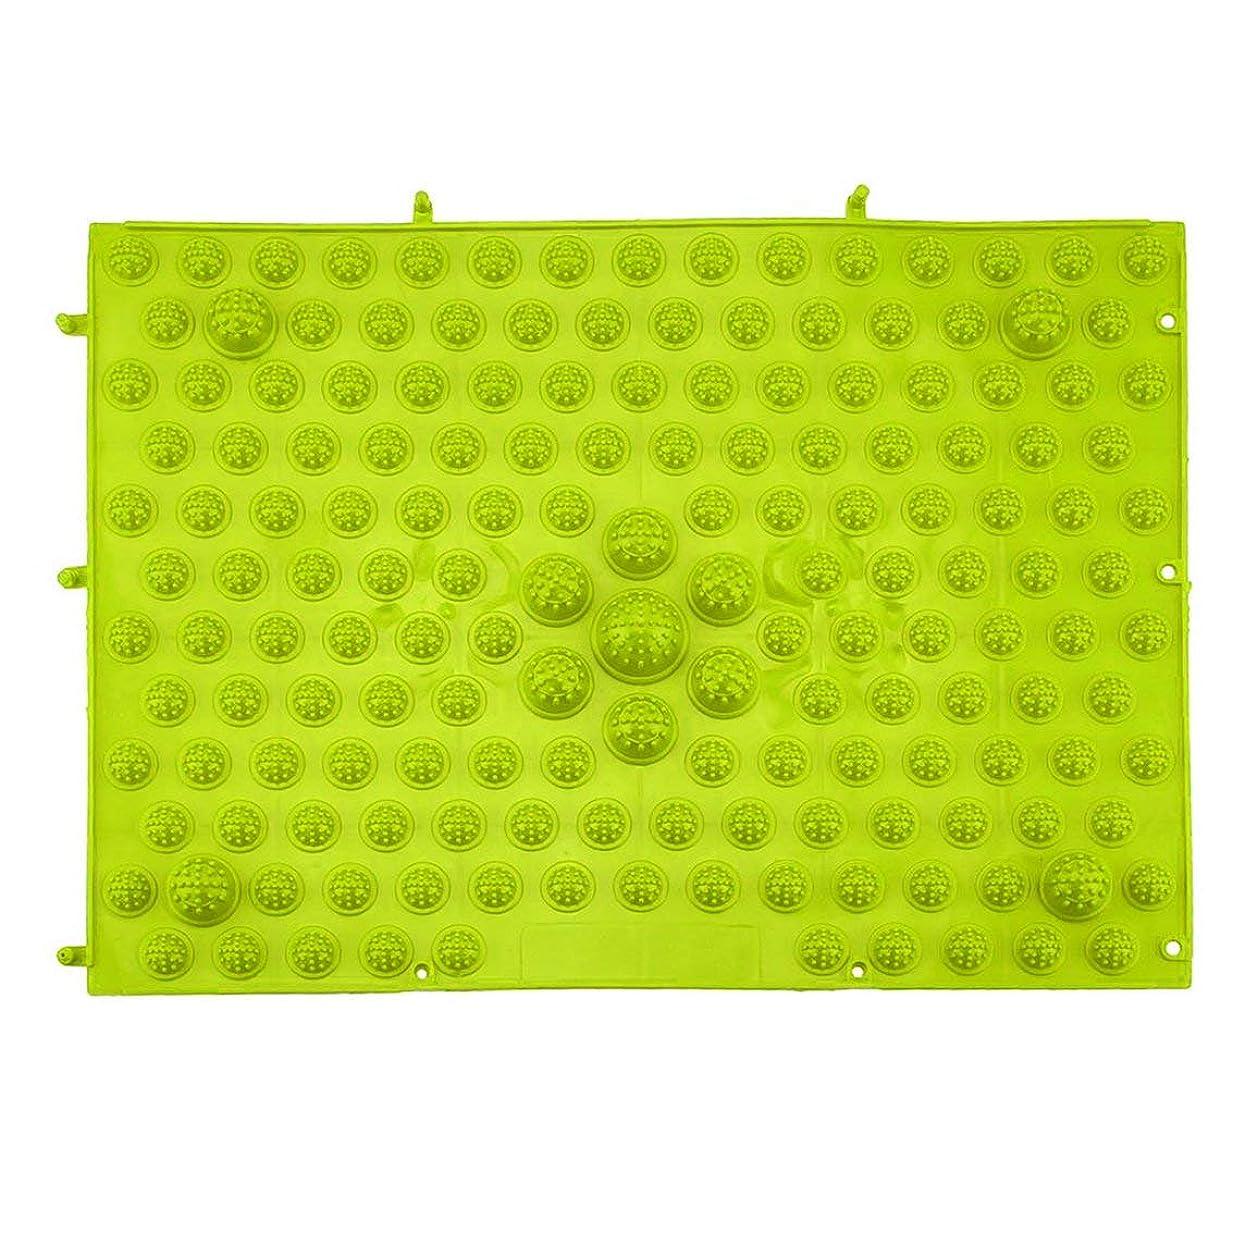 敵意干し草そして指圧フットマットランニングマンゲーム同型フットリフレクソロジーウォーキングマッサージマット用痛み緩和ストレス緩和37x27.5cm - グリーン